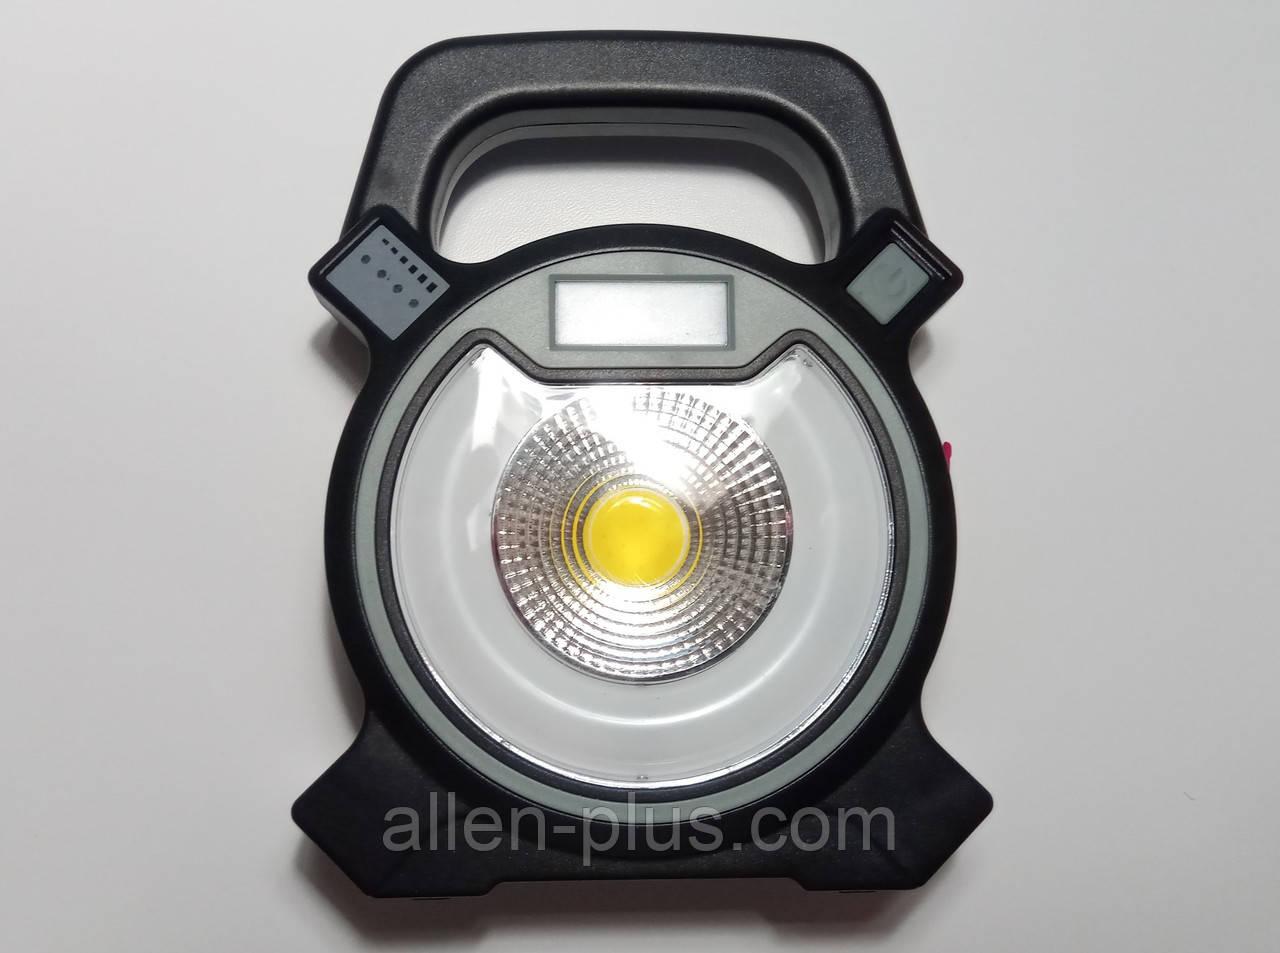 Ліхтар-прожектор кемпінговий акумуляторний COB W815 (5 W), 4 режими світіння, PowerBank, USB зарядка